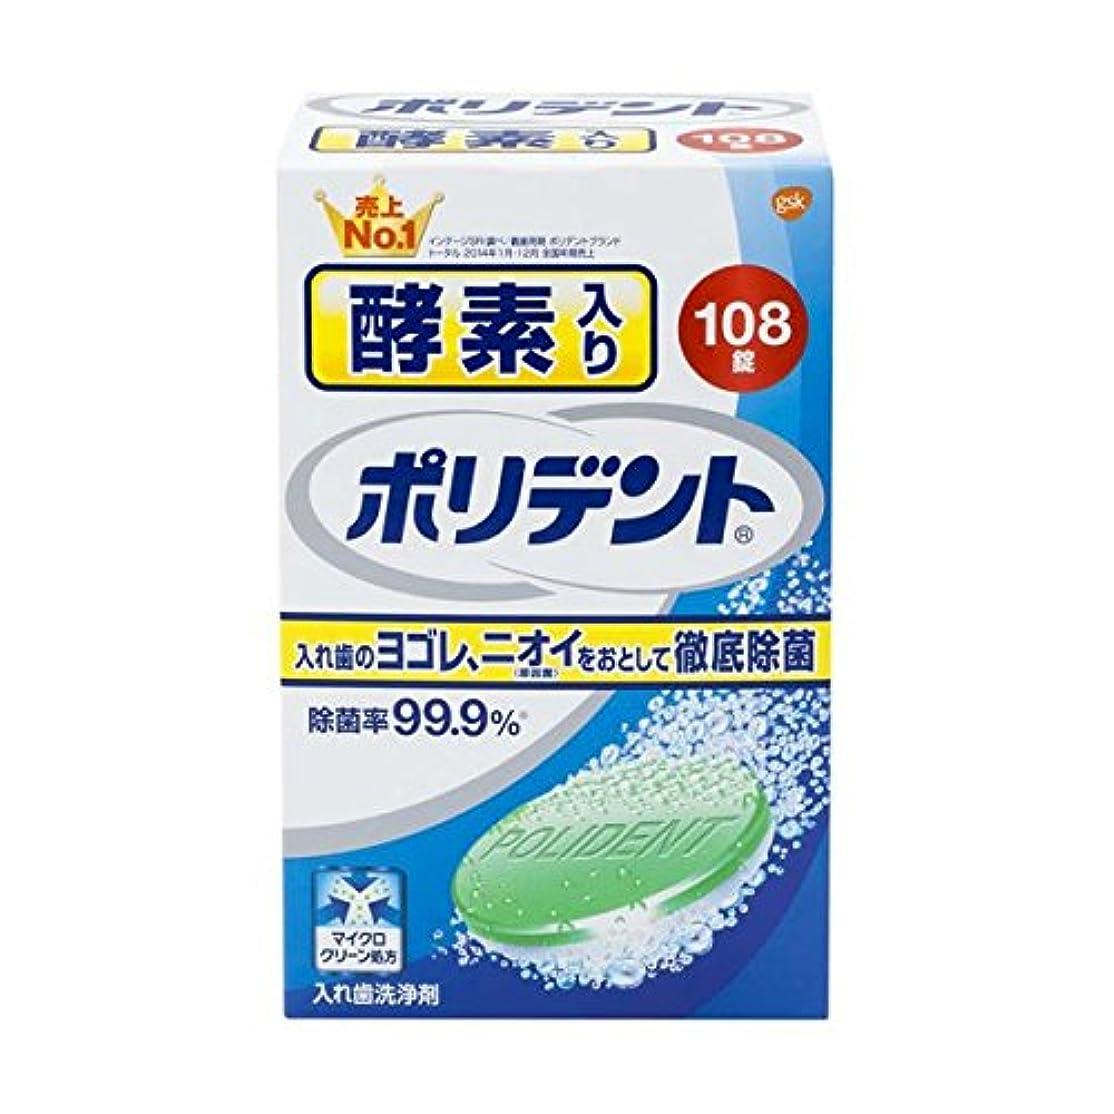 パーツ自伝タックル【お徳用 3 セット】 酵素入りポリデント 108錠×3セット